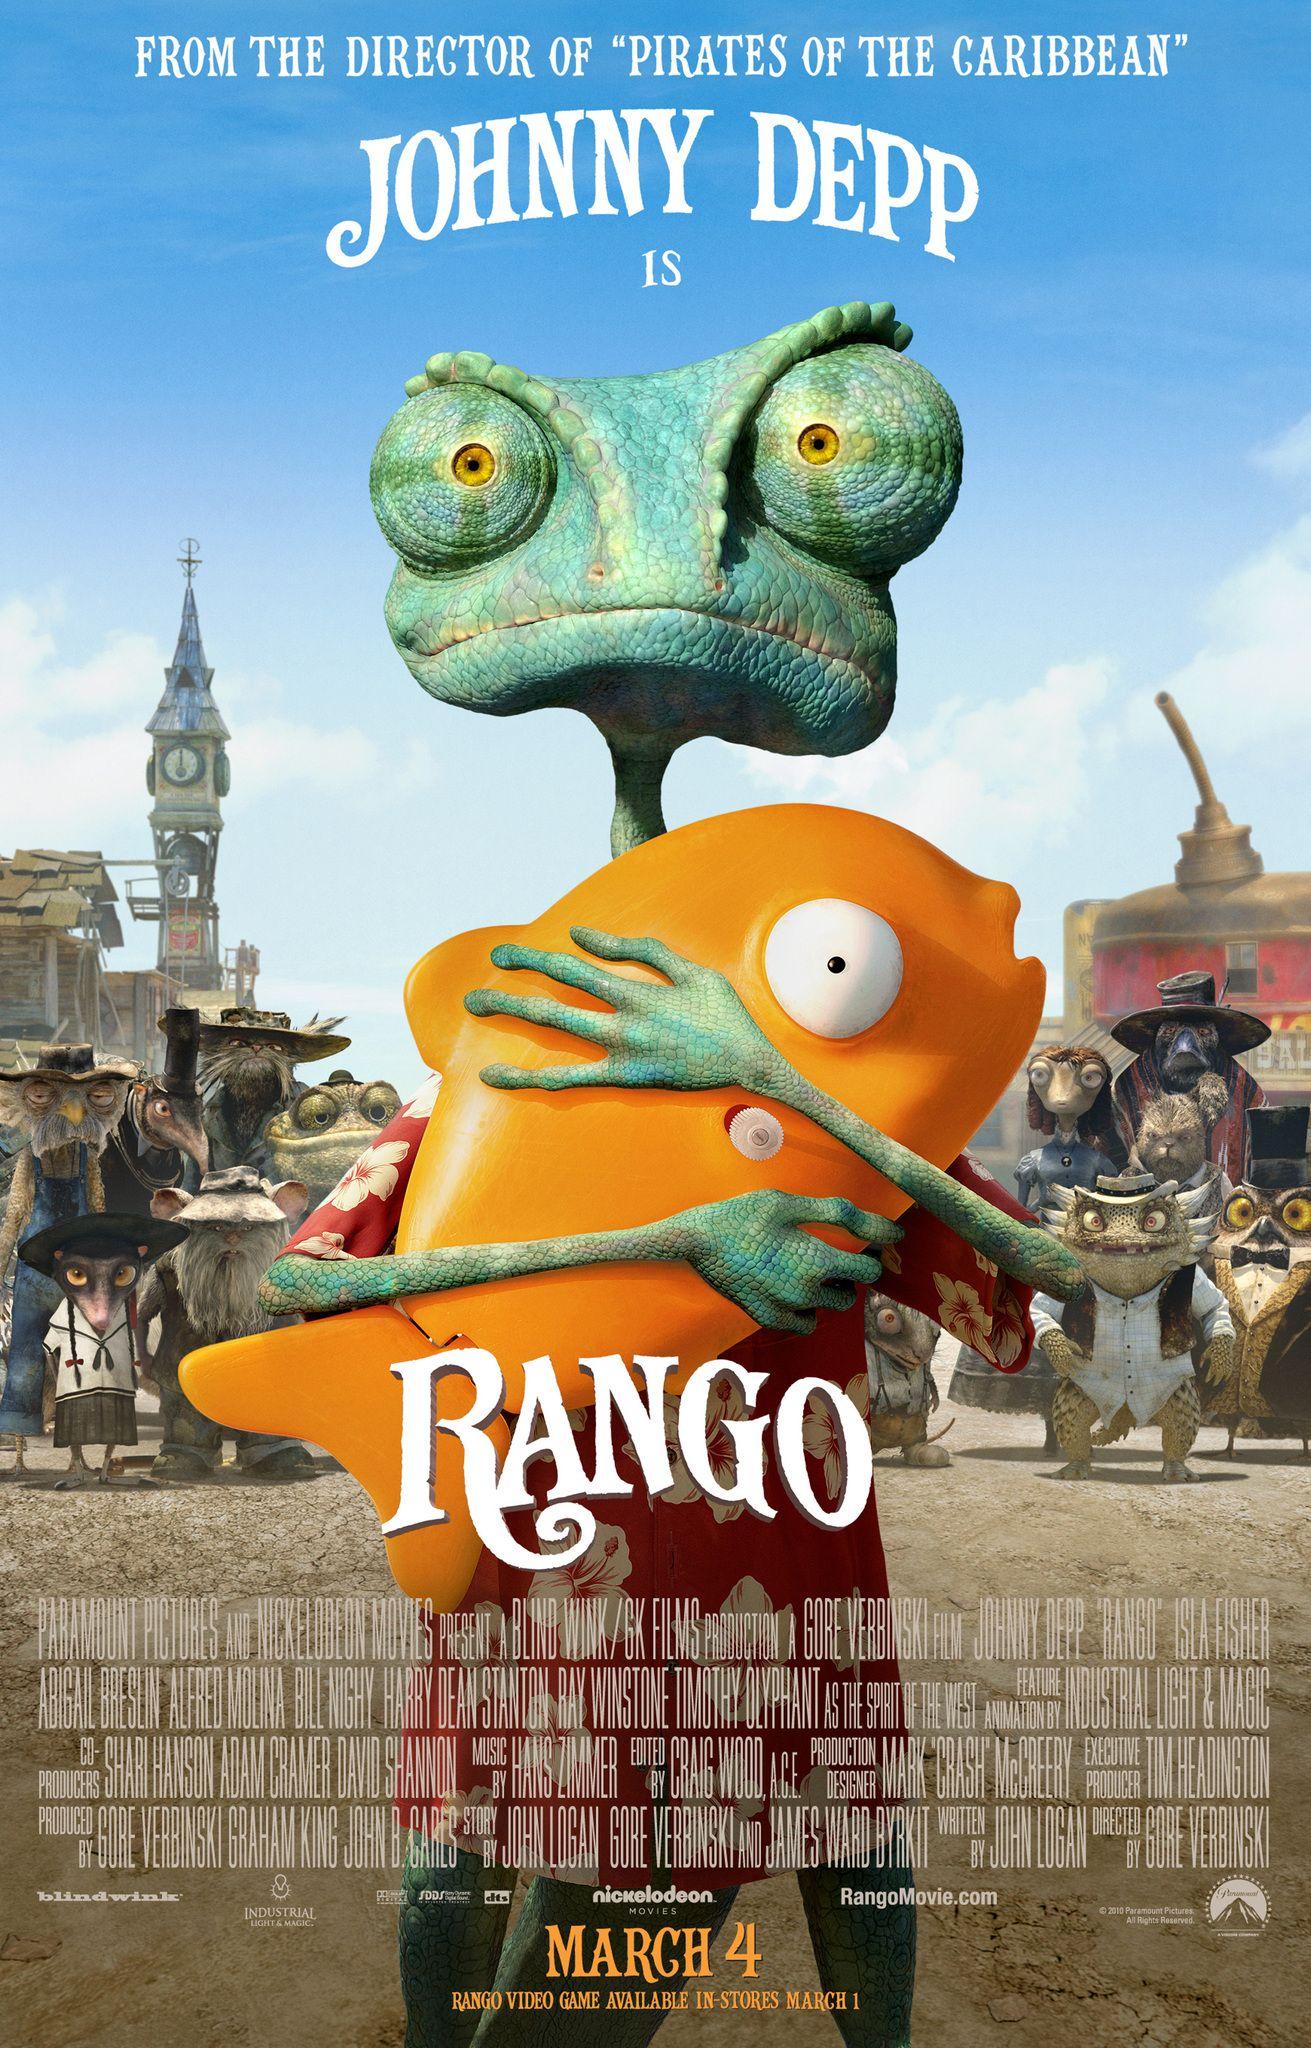 ★★★★Rango (2011) Animatie, Als een naamloze kameleon (Johnny Depp) uit zijn terrarium vrij komt, staat hij plots midden in de woestijn. Hij was zijn leventje tussen vier ramen toch al zat, maar wat nu? Een buidelrat stuurt hem op weg richting het stadje Dirt, ergens op de grens van beschaving. Daar doet de hagedis zich voor als Rango, een onverschrokken pistoolheld. Het stadje staat door gebrek aan water op het punt van uitdrogen. Het is aan Rango om Dirt van de ondergang te redden.